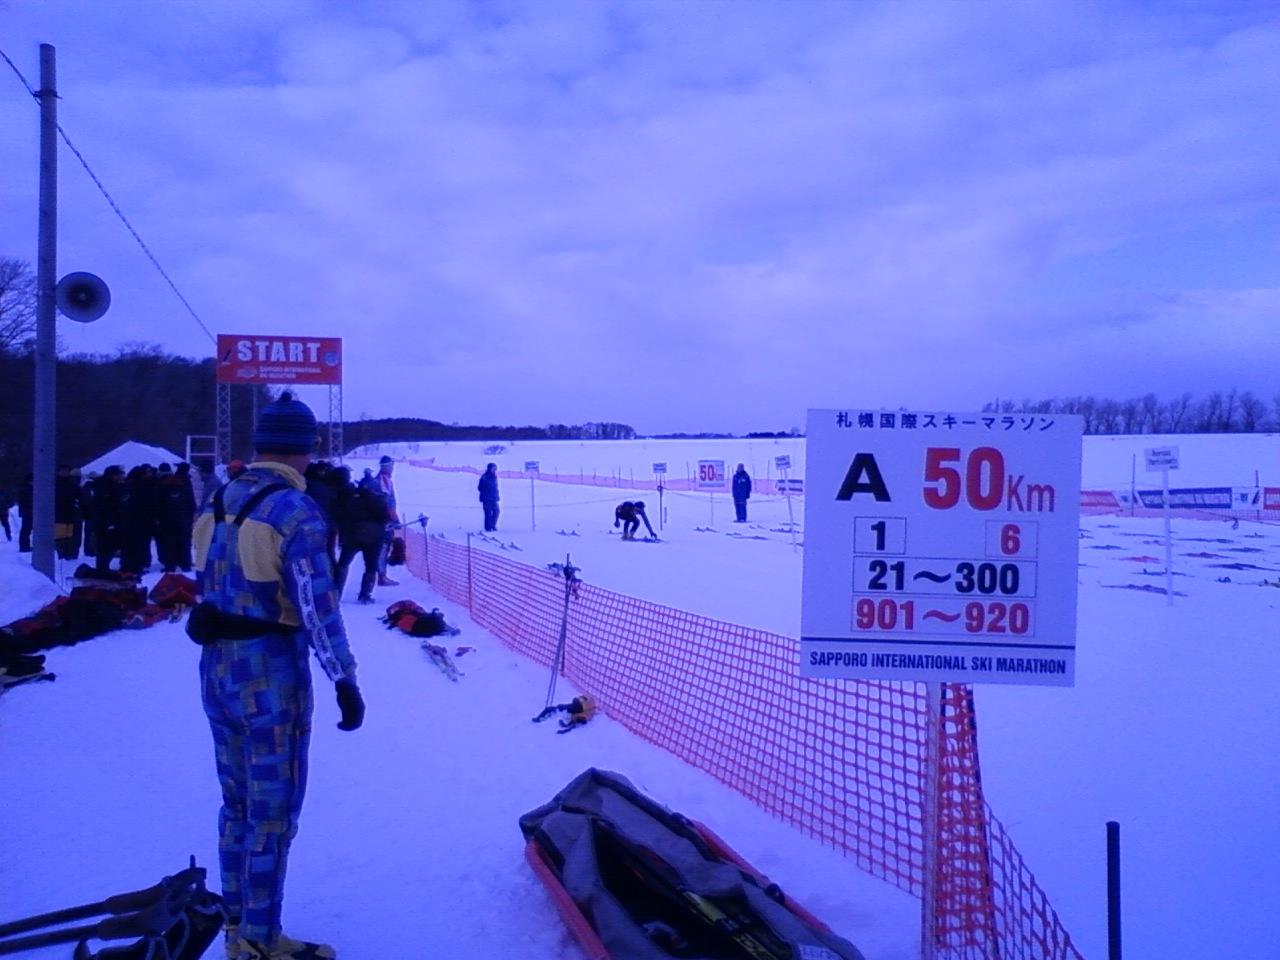 札幌国際スキーマラソン2